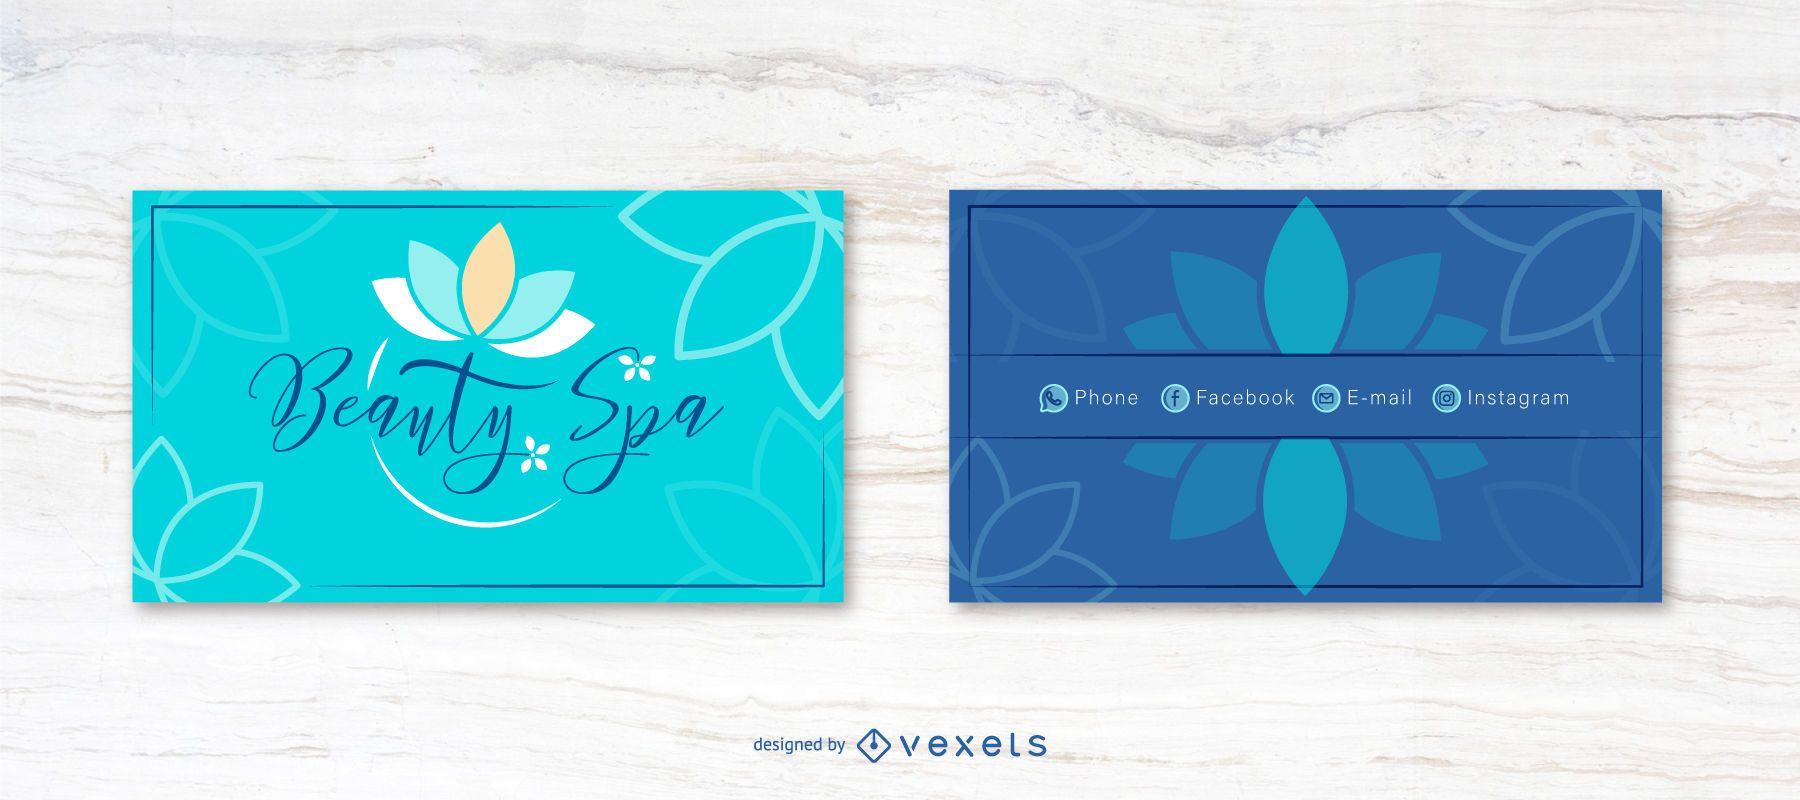 Diseño de Tarjeta de Presentación: Beauty Spa